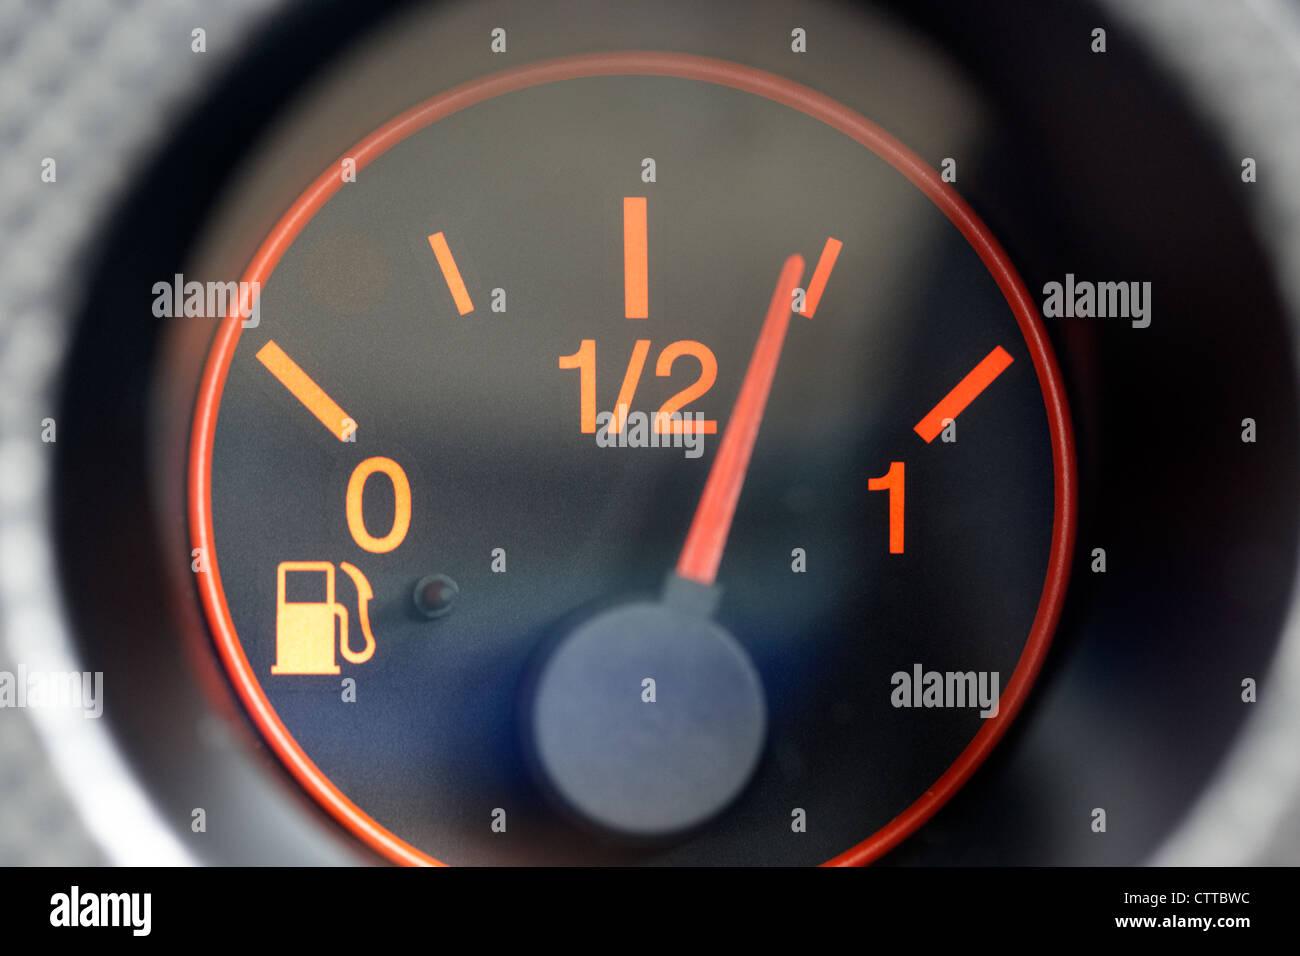 Jauge de carburant véhicule voiture montrant presque trois quarts plein Photo Stock